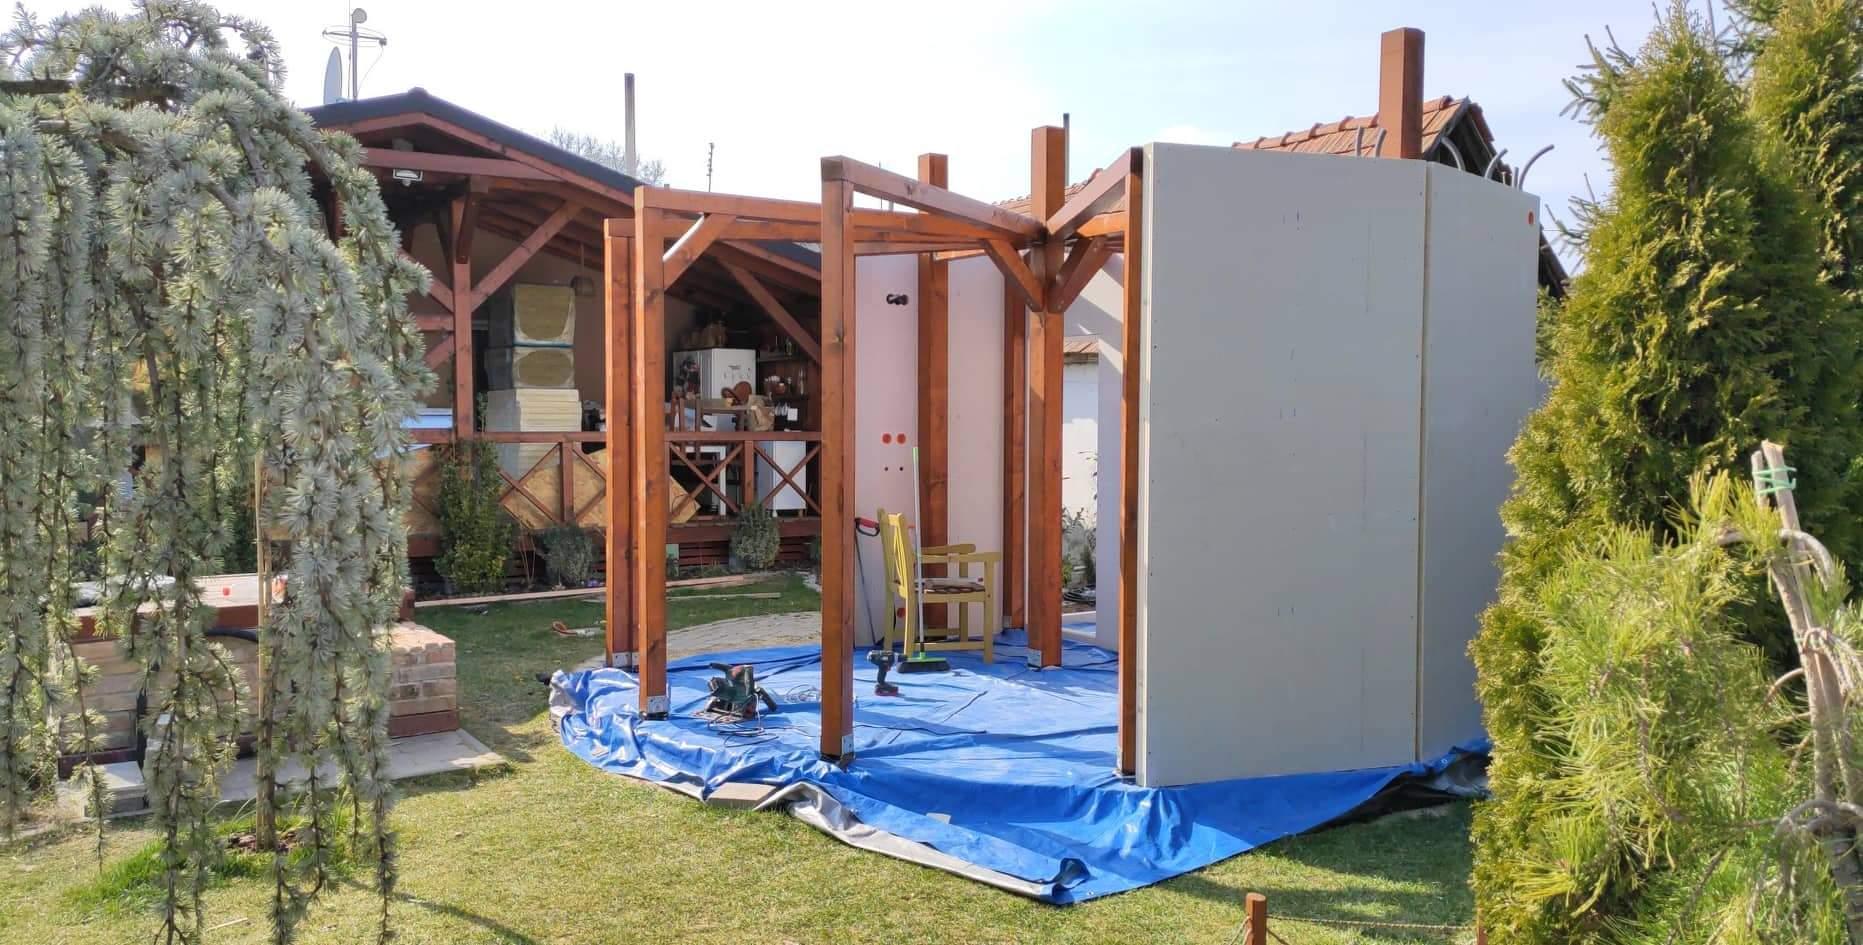 Relaxačný domček sauna a oddychová miestnosť ... plány, príprava a realizácia - Obrázok č. 76